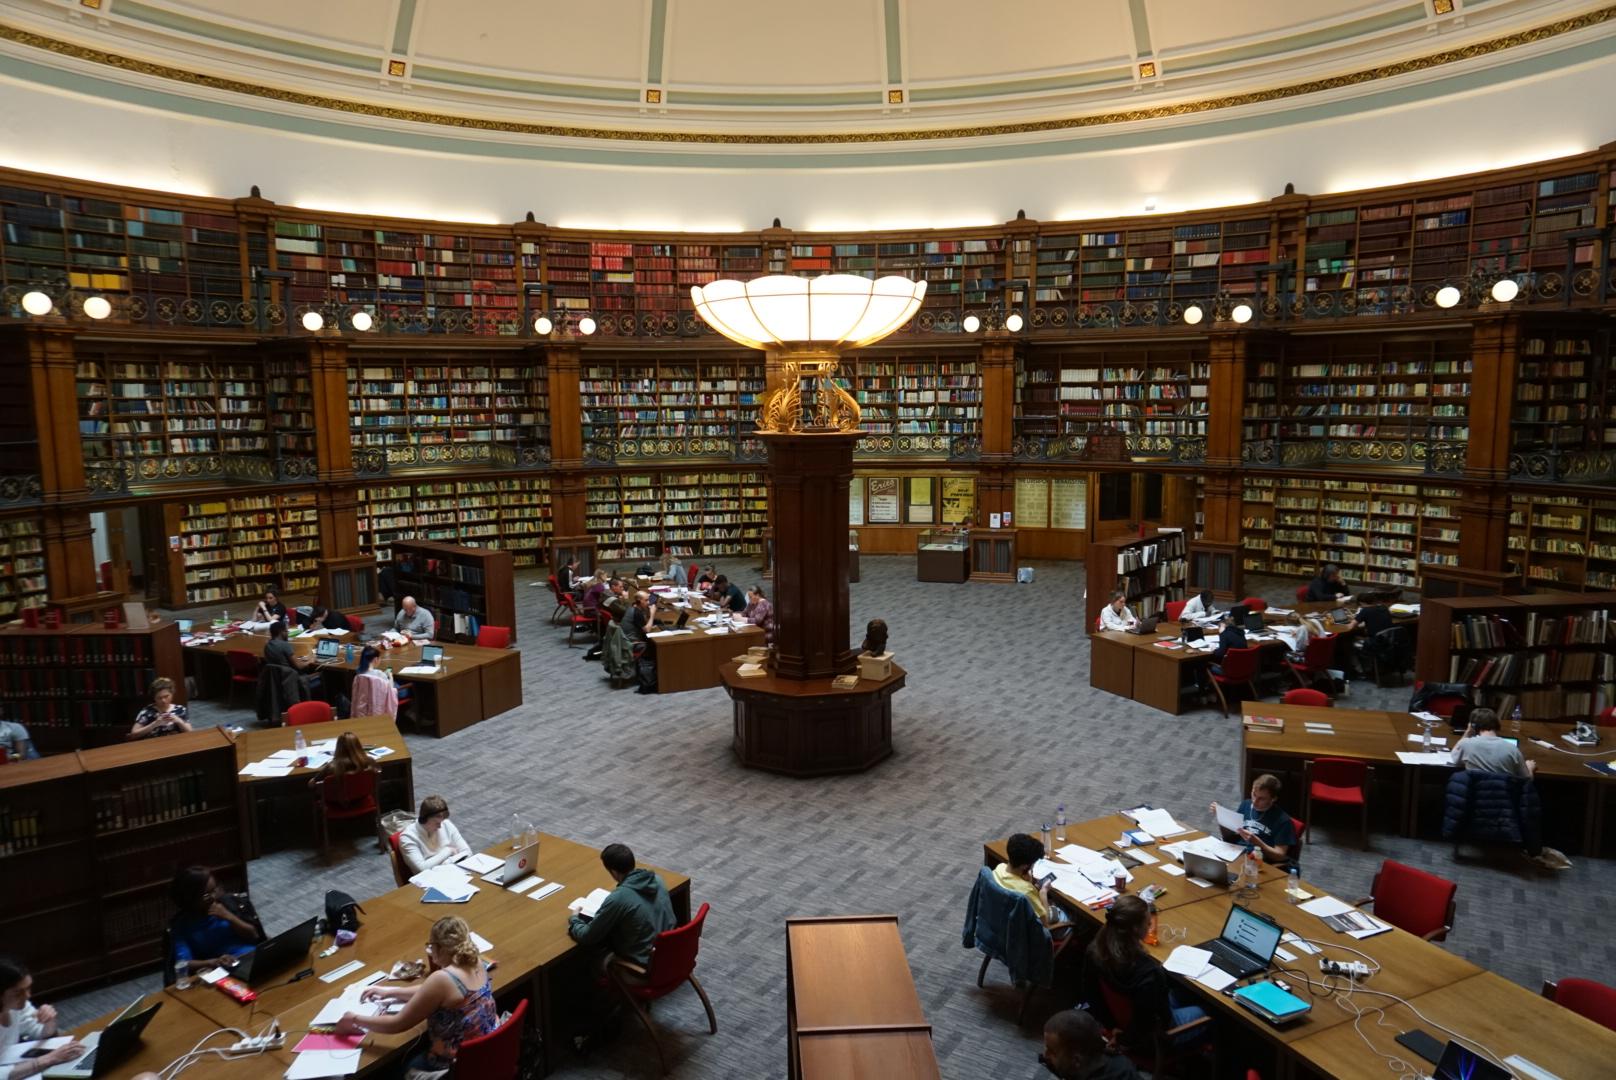 Biblioteca estilo victoriano, que ver en LiverpoolBiblioteca estilo victoriano